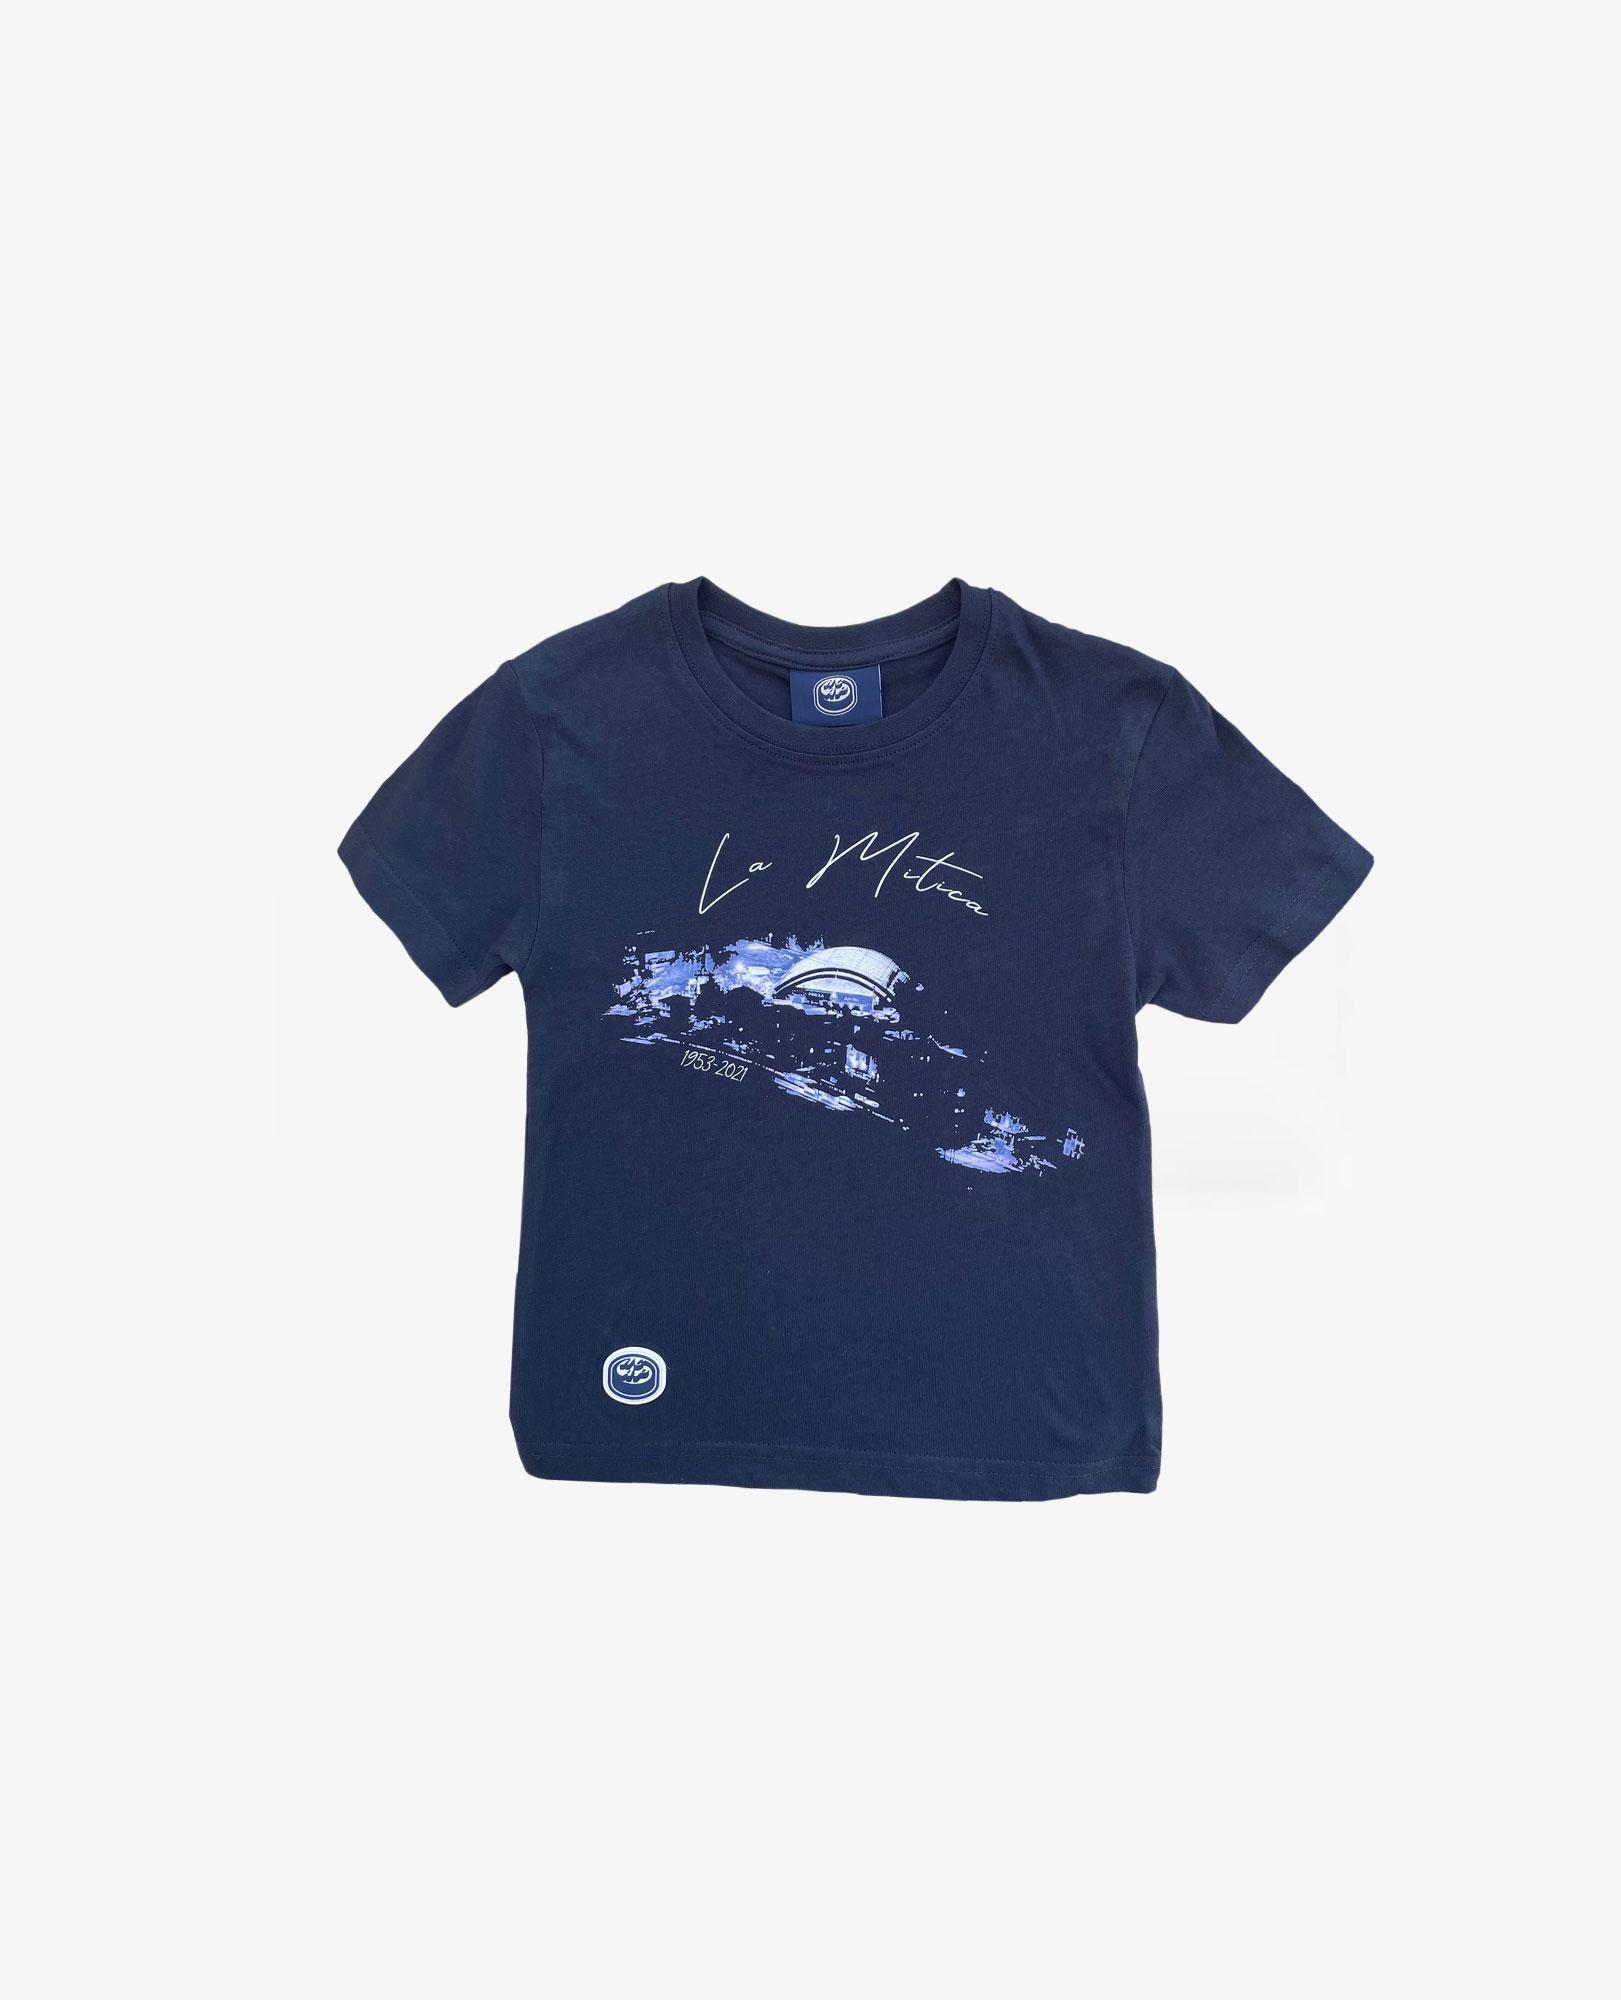 Kinder-T-shirt LA MITICA